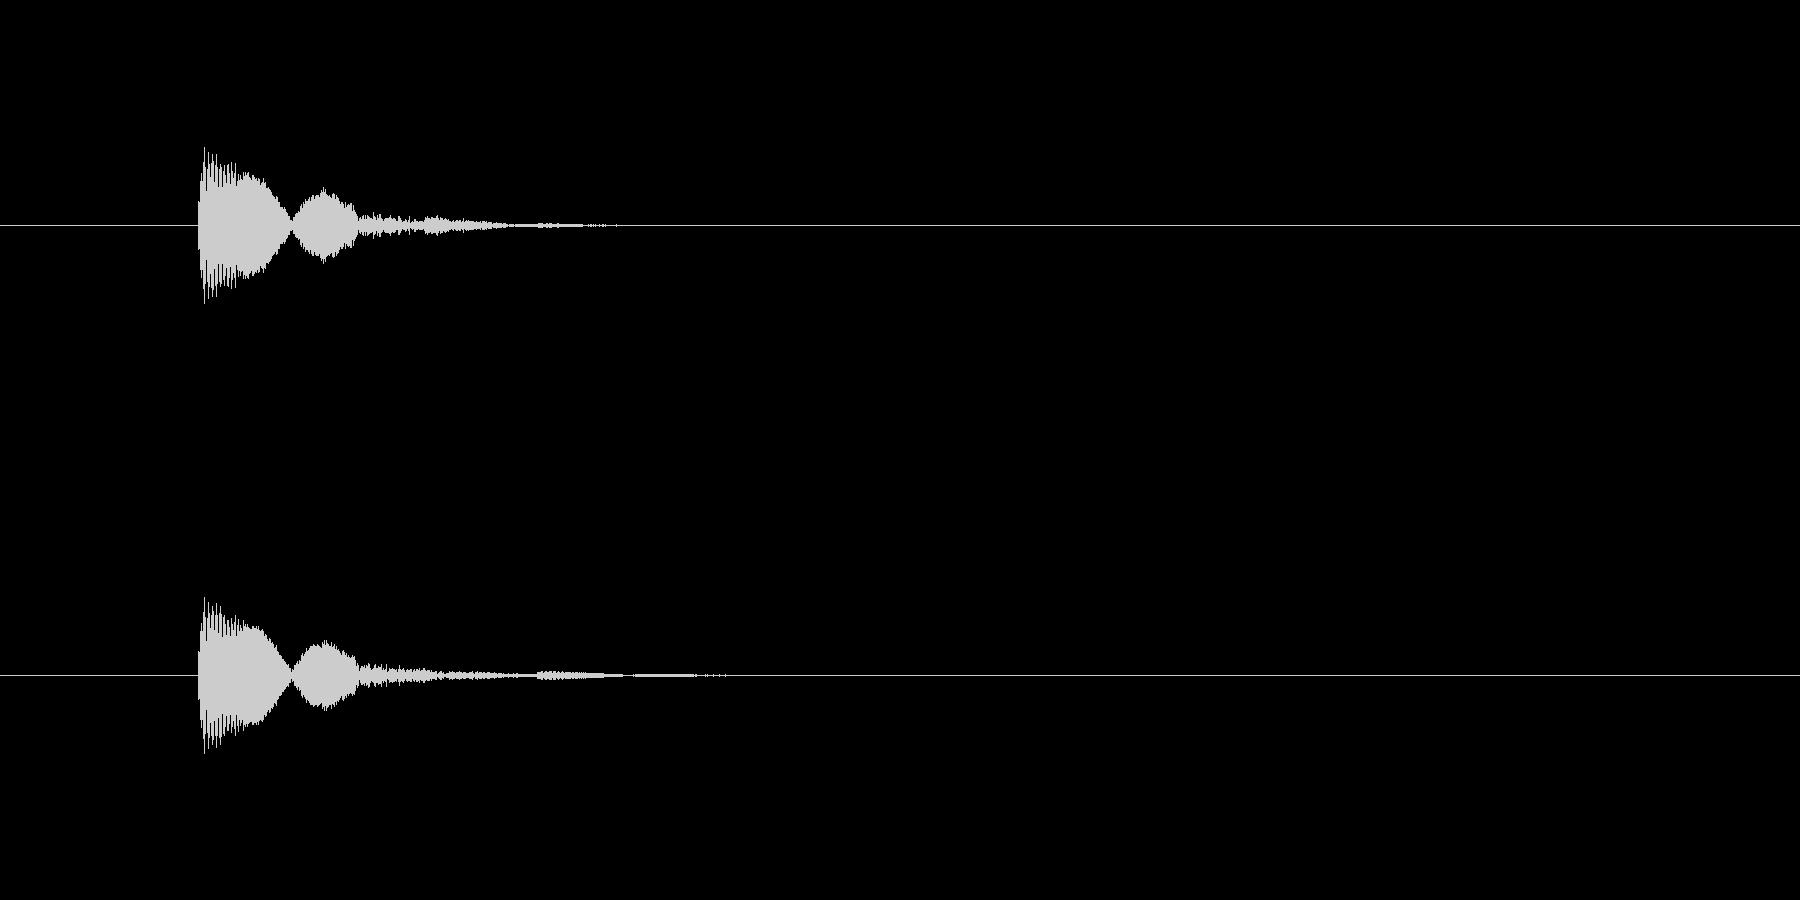 キャンセルや決定ボタン選択音2(ピコン)の未再生の波形